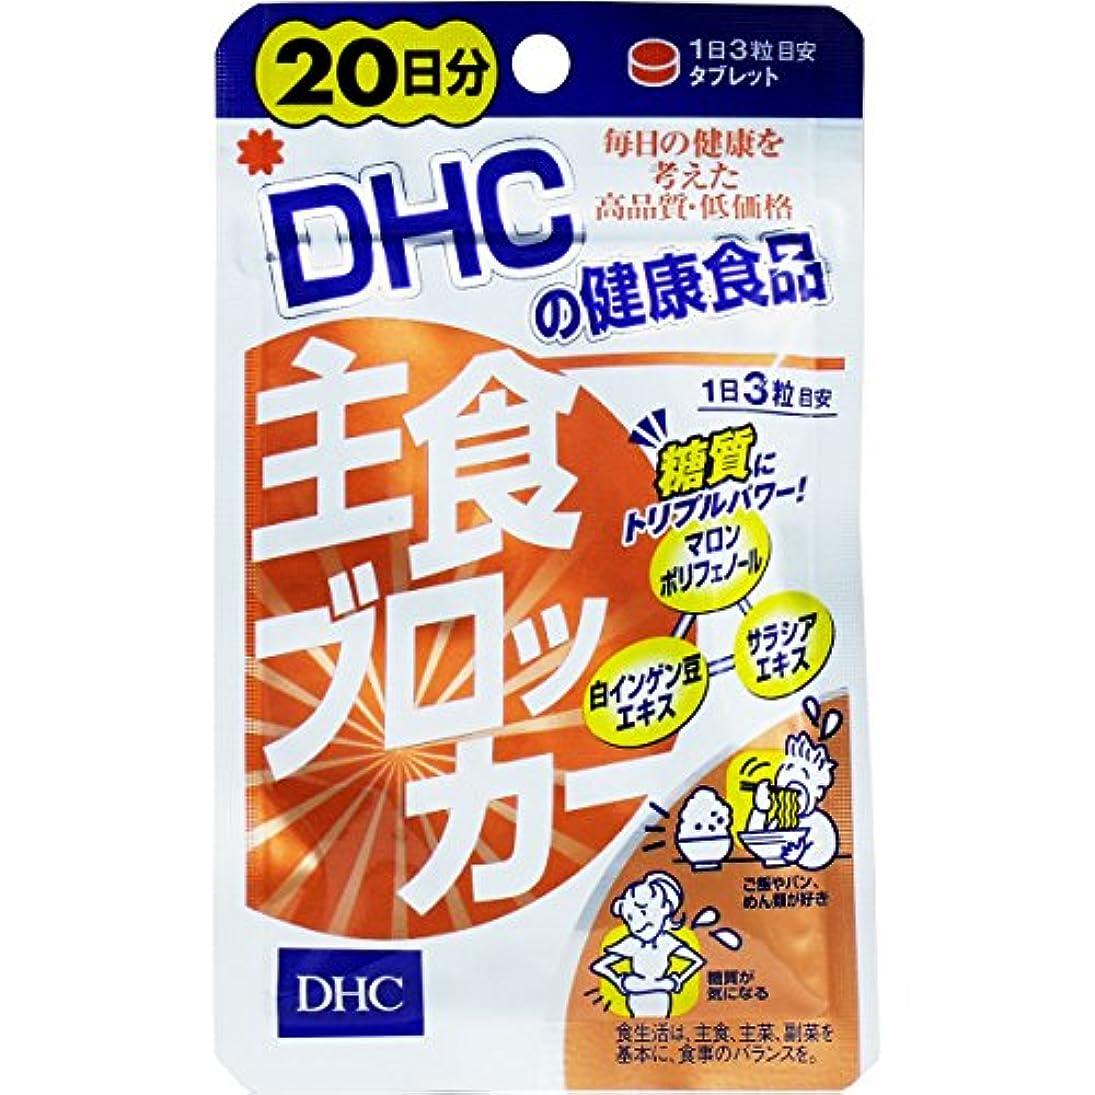 信頼性のあるネスト滑り台ダイエット トリプルパワーでため込み対策 栄養機能食品 DHC 主食ブロッカー 20日分 60粒入【4個セット】